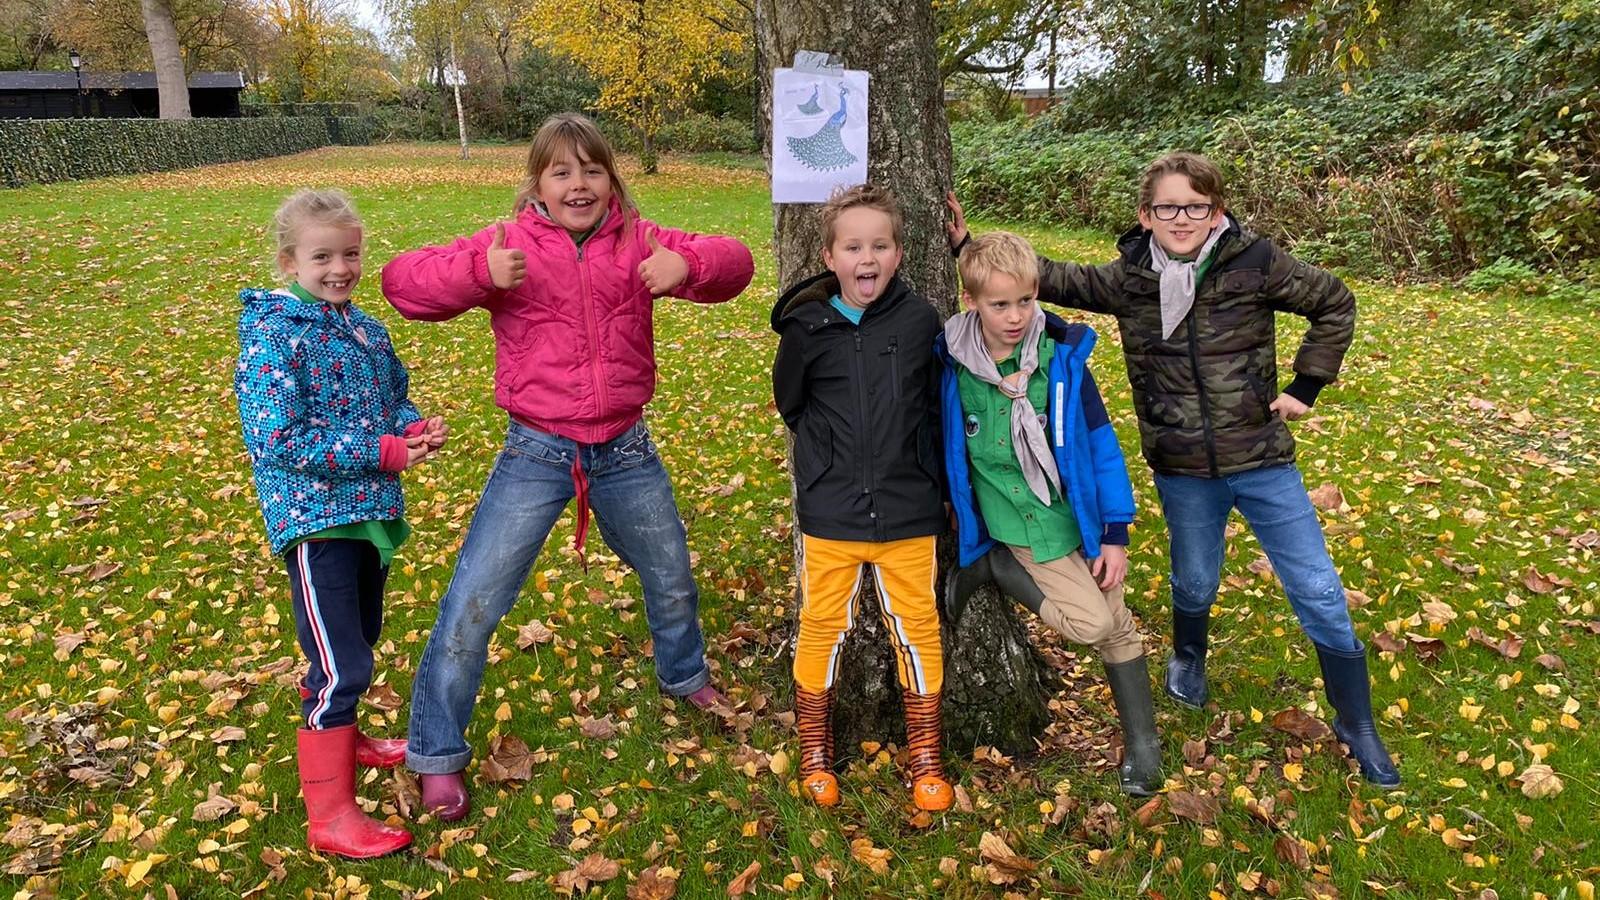 Welpen Scouting Mijnsheerenland Hoeksche Waard